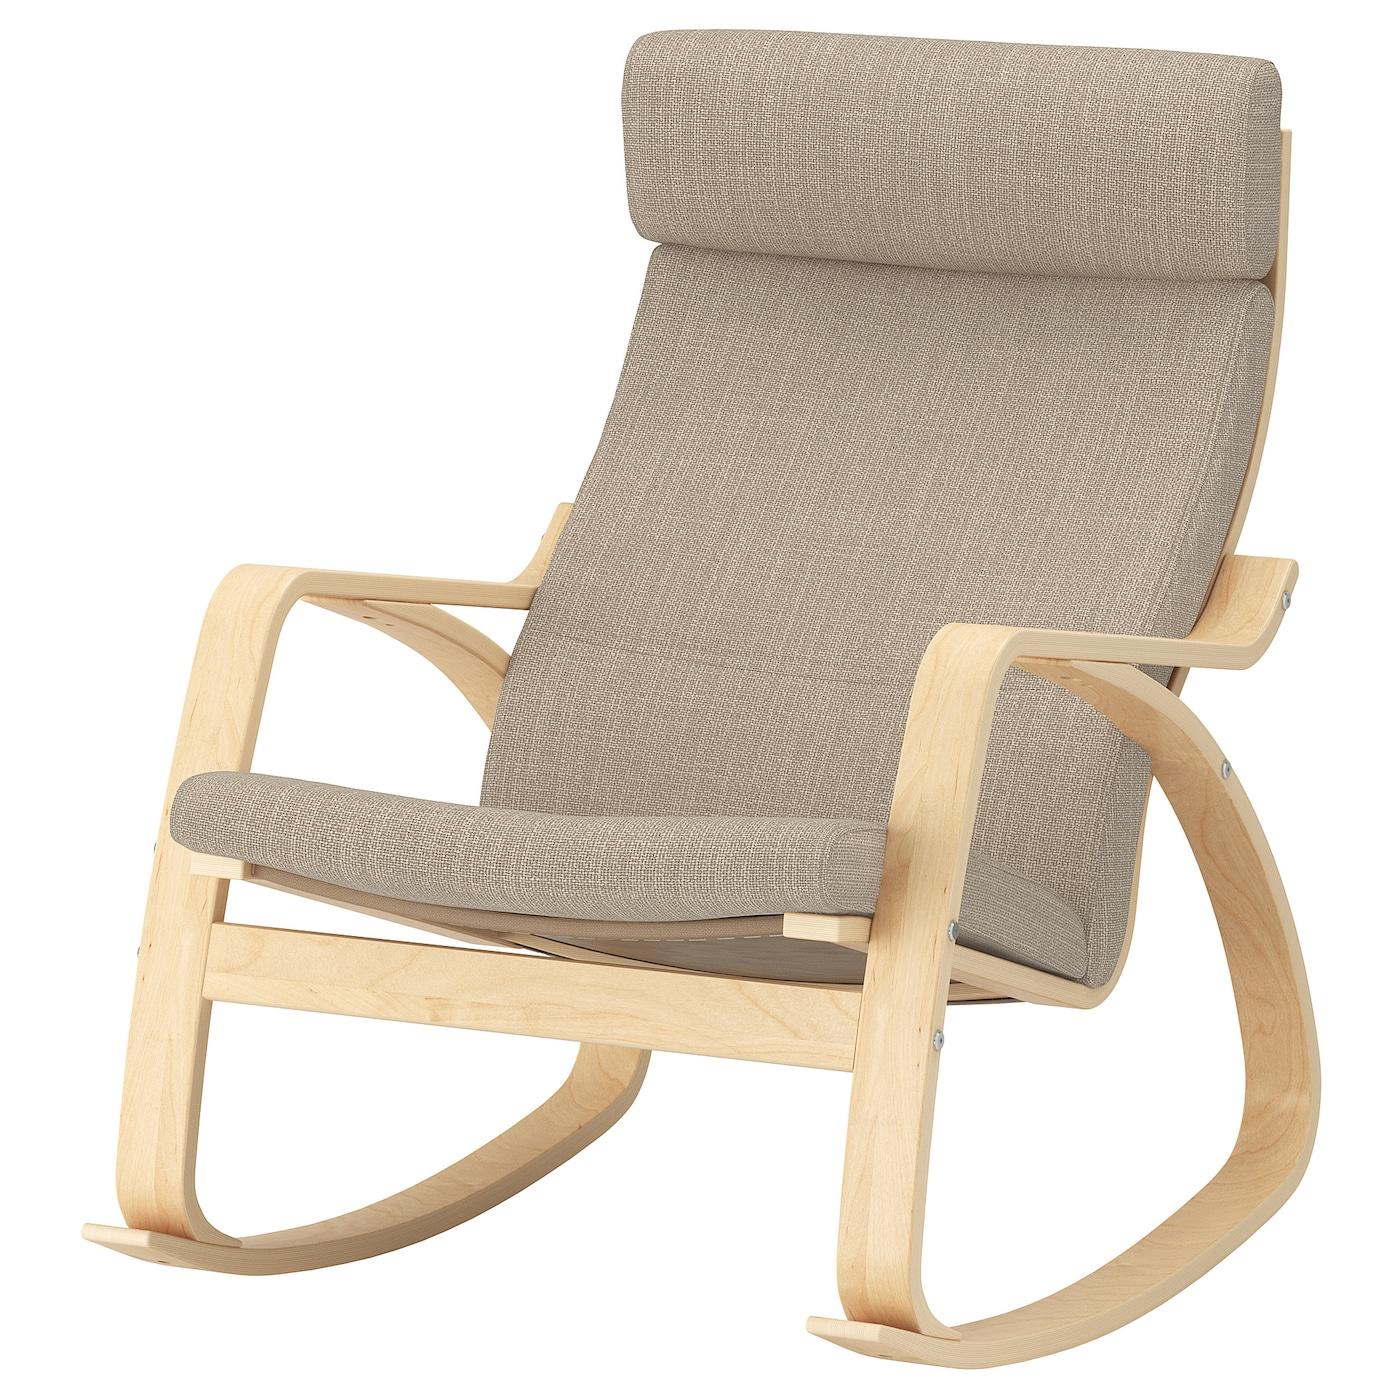 POÄNG Rocking chair birch veneer, Hillared beige